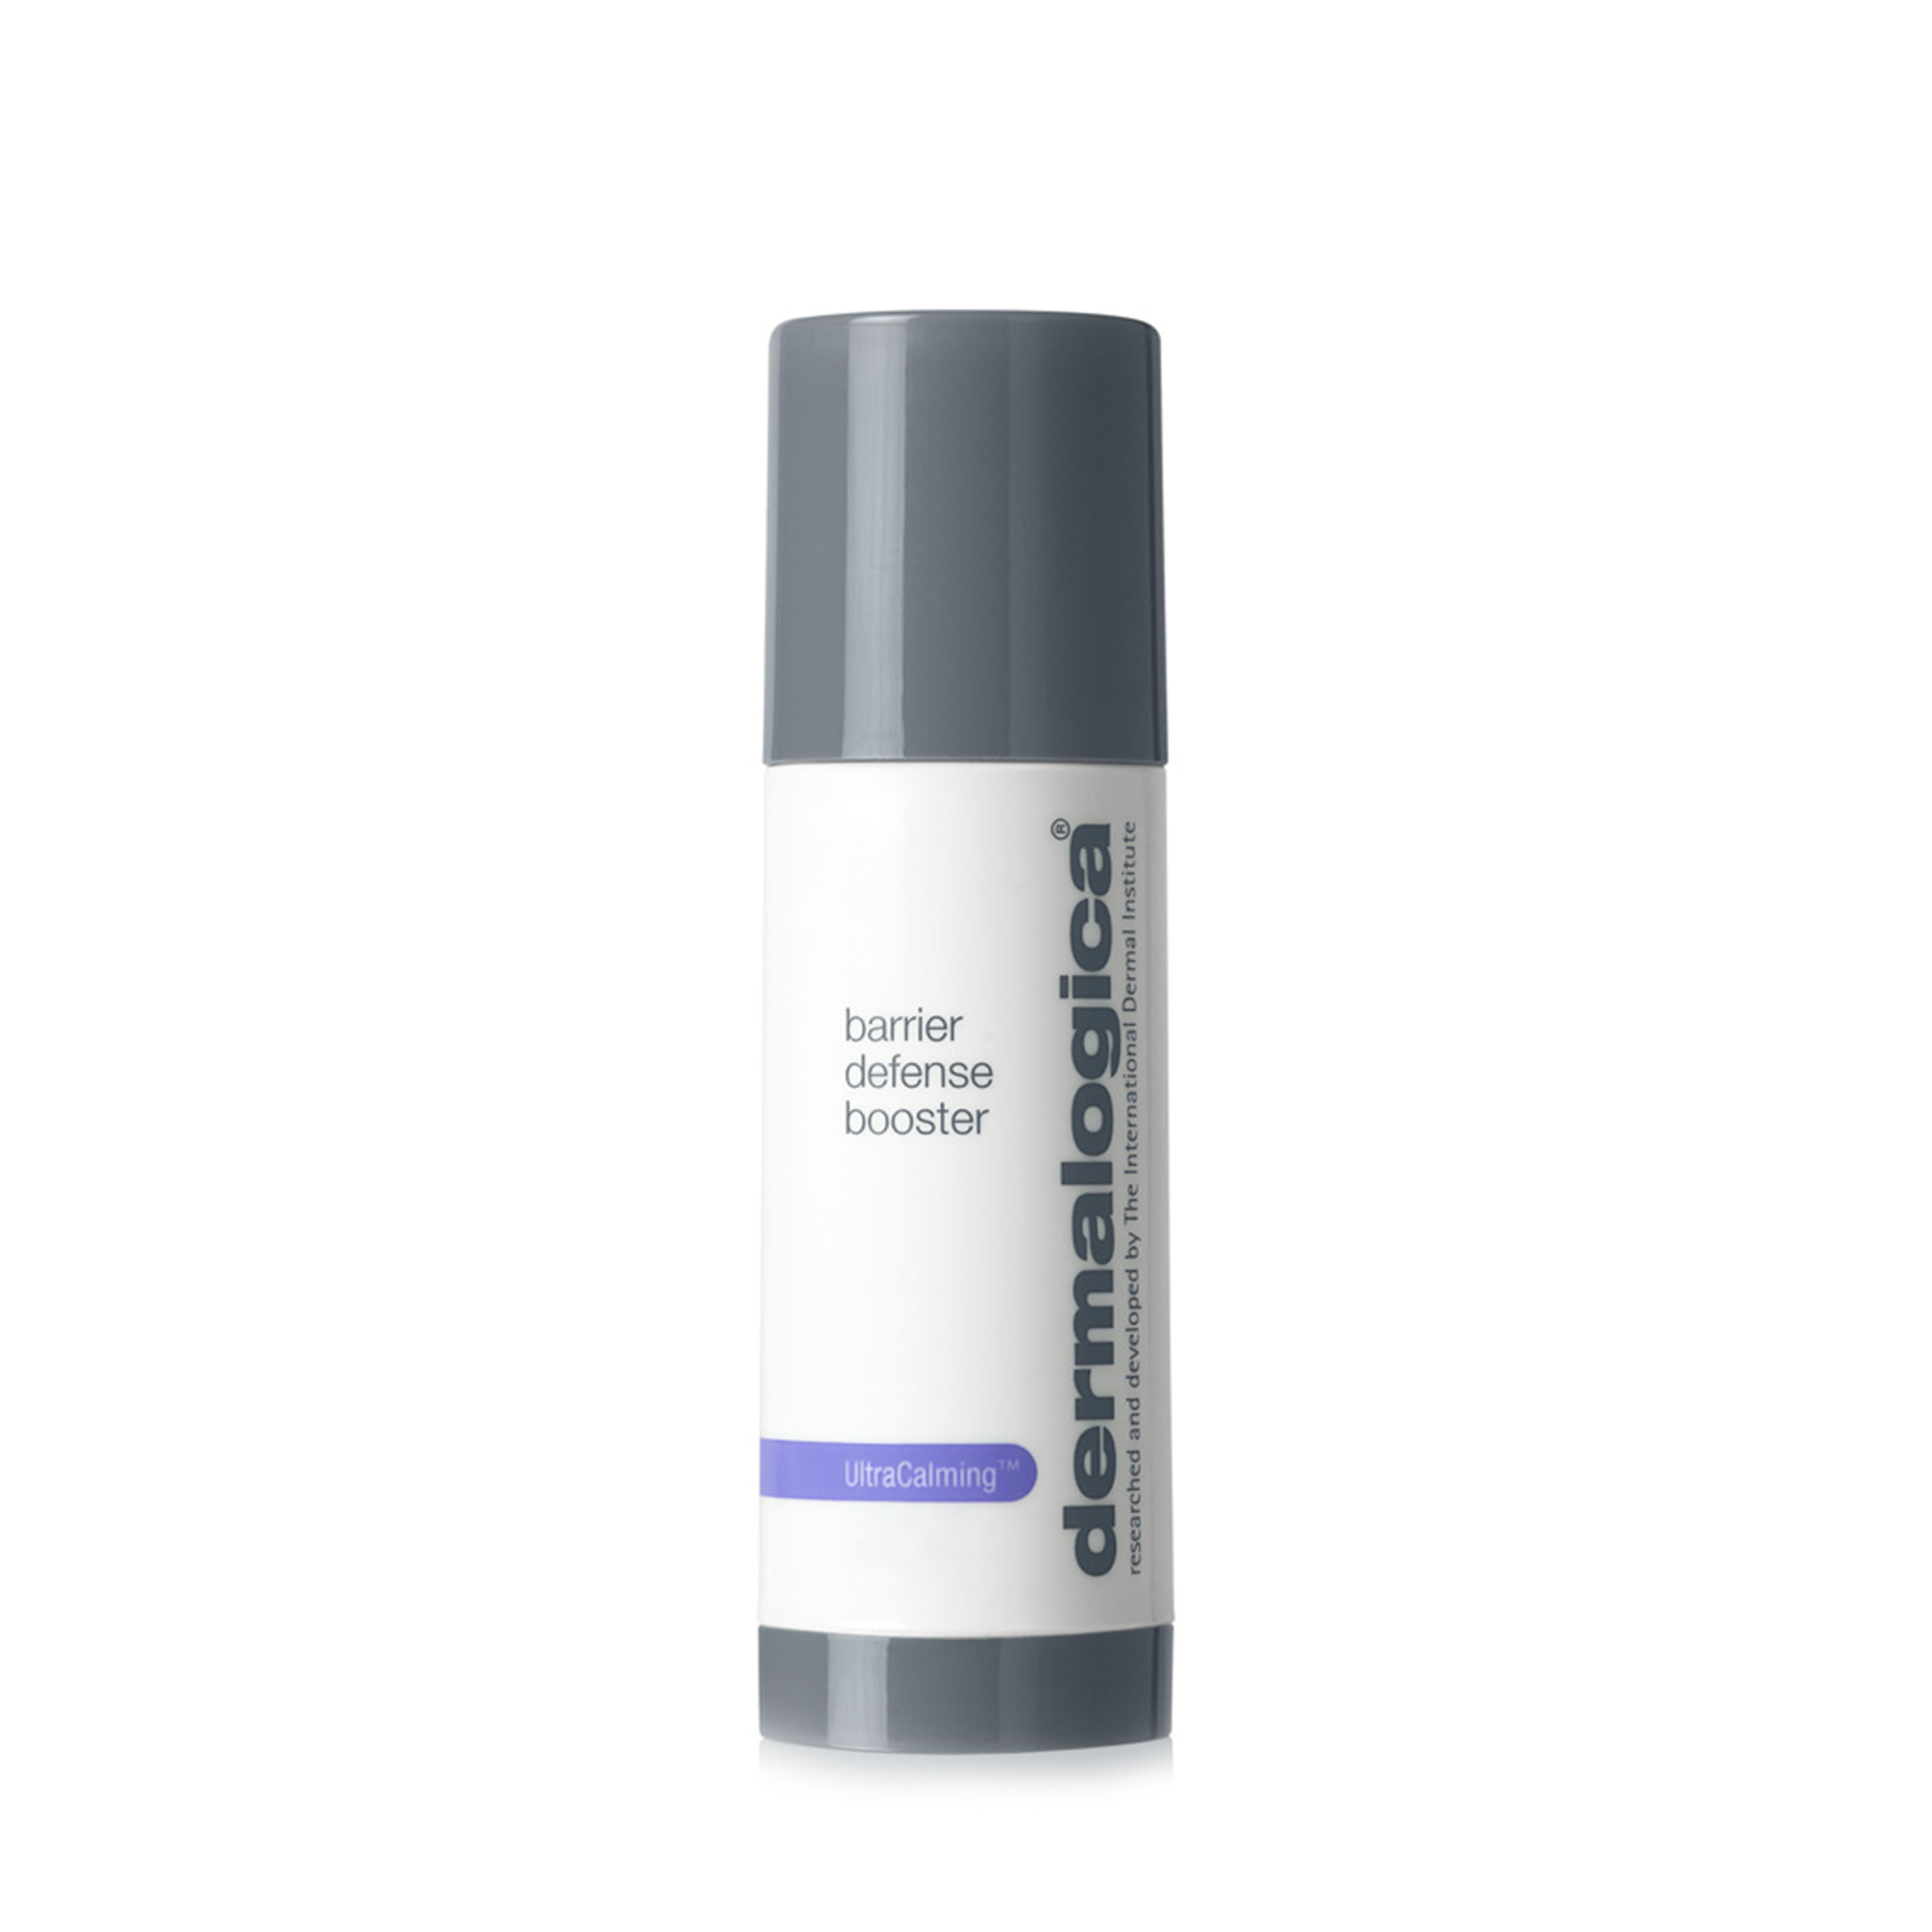 Dermalogica Усилитель защиты для чувствительной кожи лица 30 мл фото